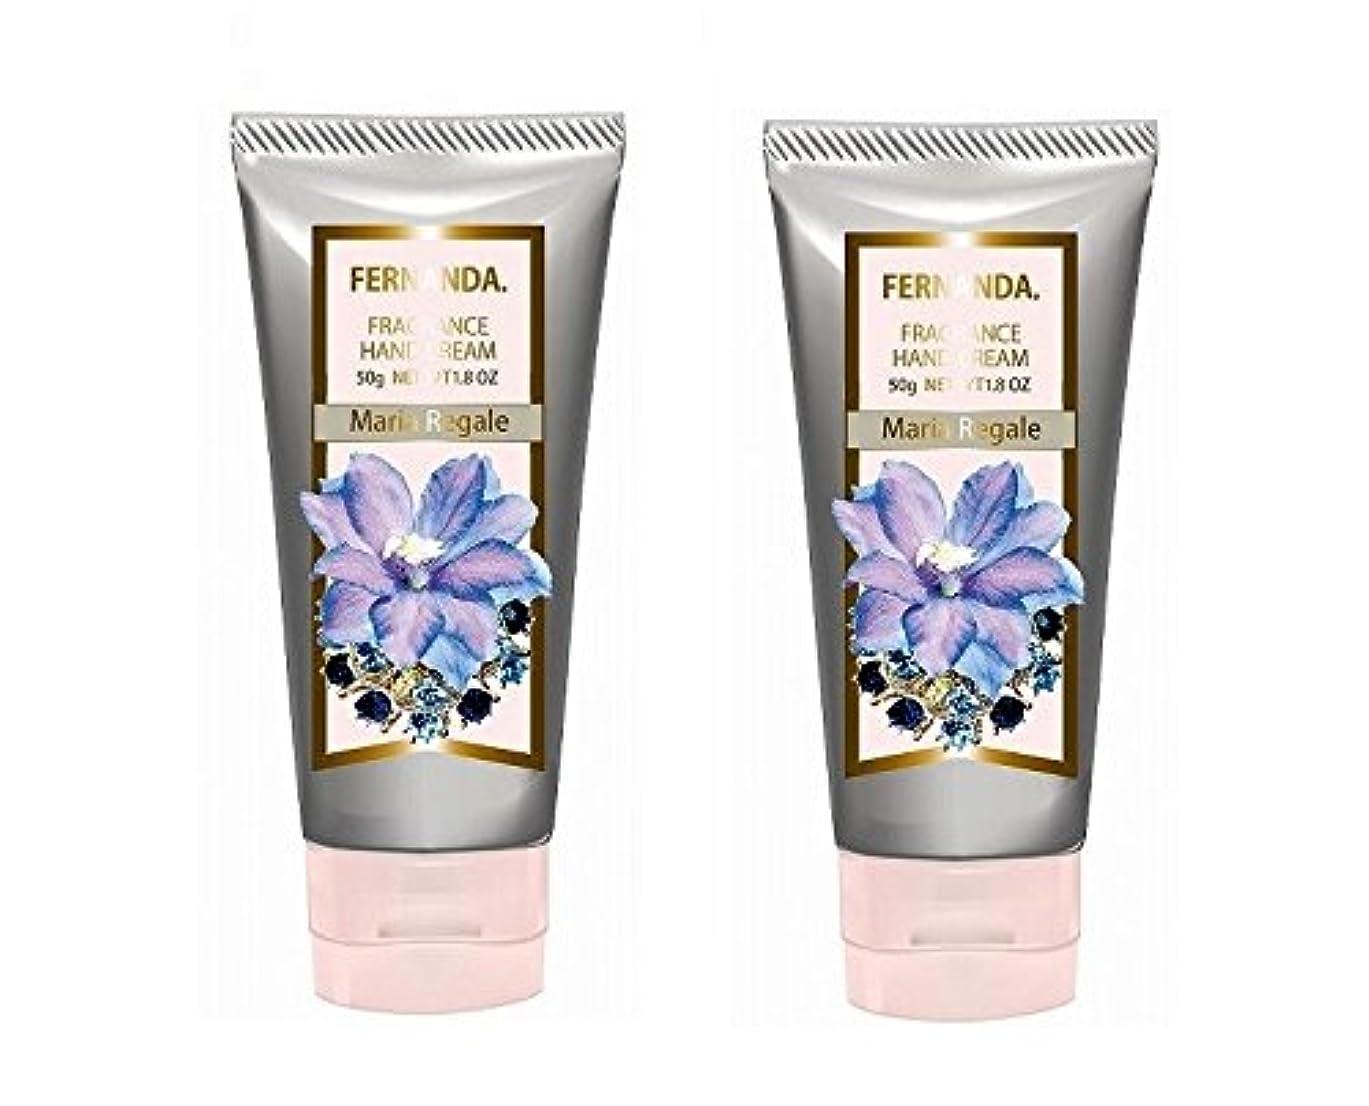 素朴な過剰登録FERNANDA(フェルナンダ) Hand Cream Maria Regale (ハンド クリーム マリアリゲル)×2個セット